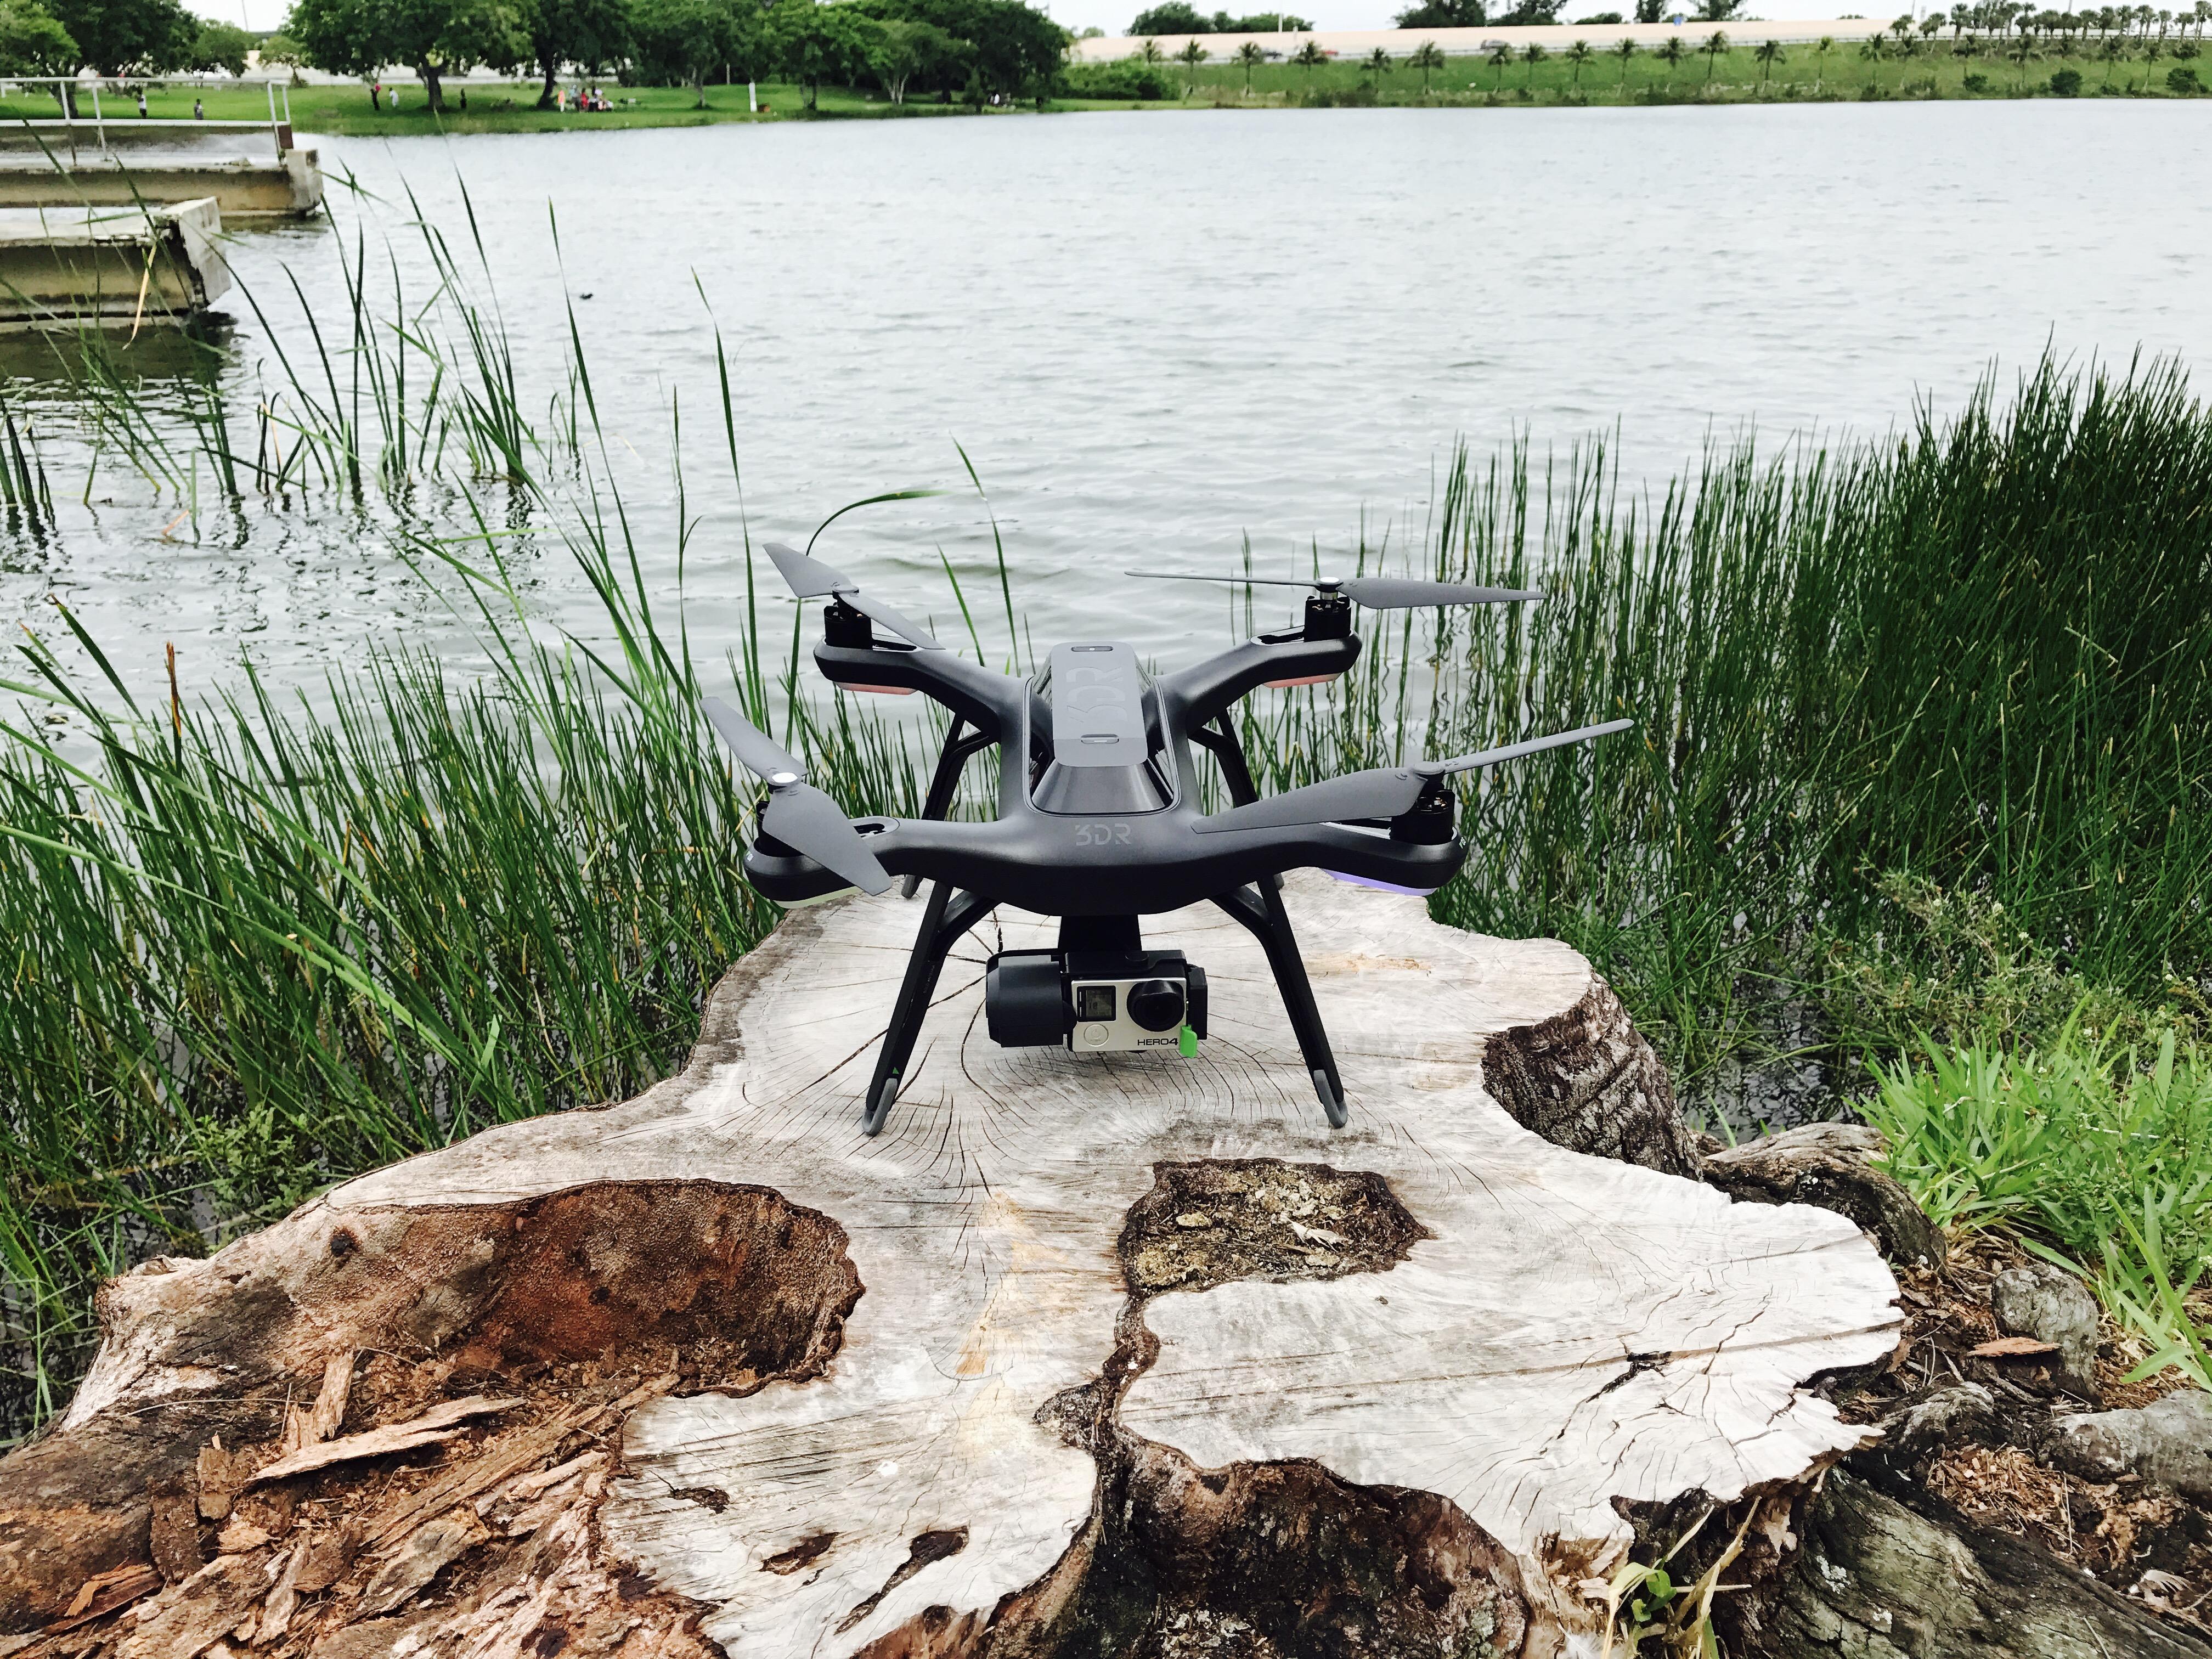 Solo The Smart Drone